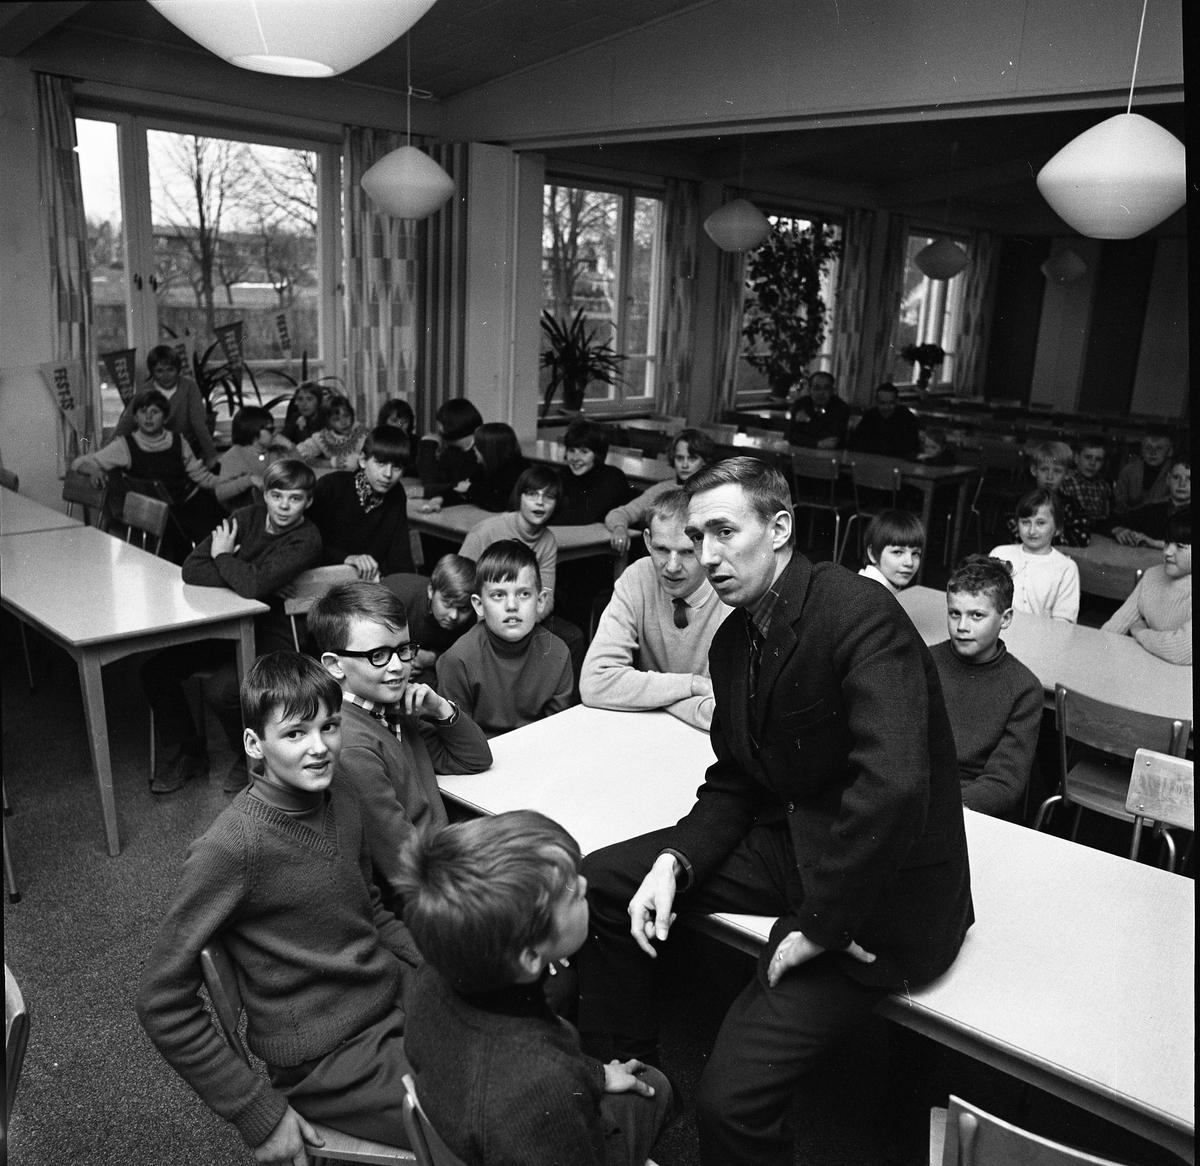 Arboga Orienteringsklubb har ungdomsträff. Lennart Öberg talar med barn som samlats i Gäddgårdsskolans matsal.  Bakom Lennart sitter Hans Ekberg. Han är slöjdlärare och orienterar på fritiden. Långt bak i lokalen sitter två män.